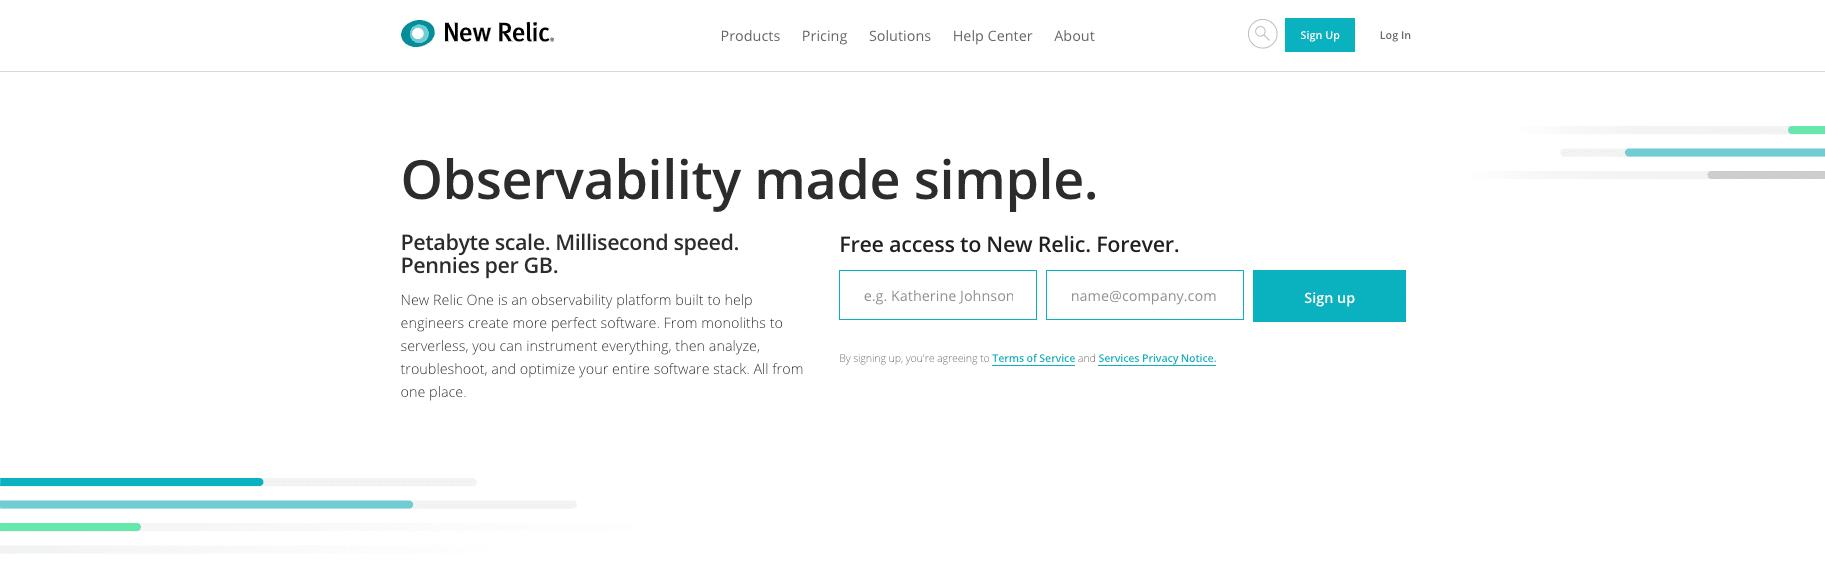 New Relic - APM tools